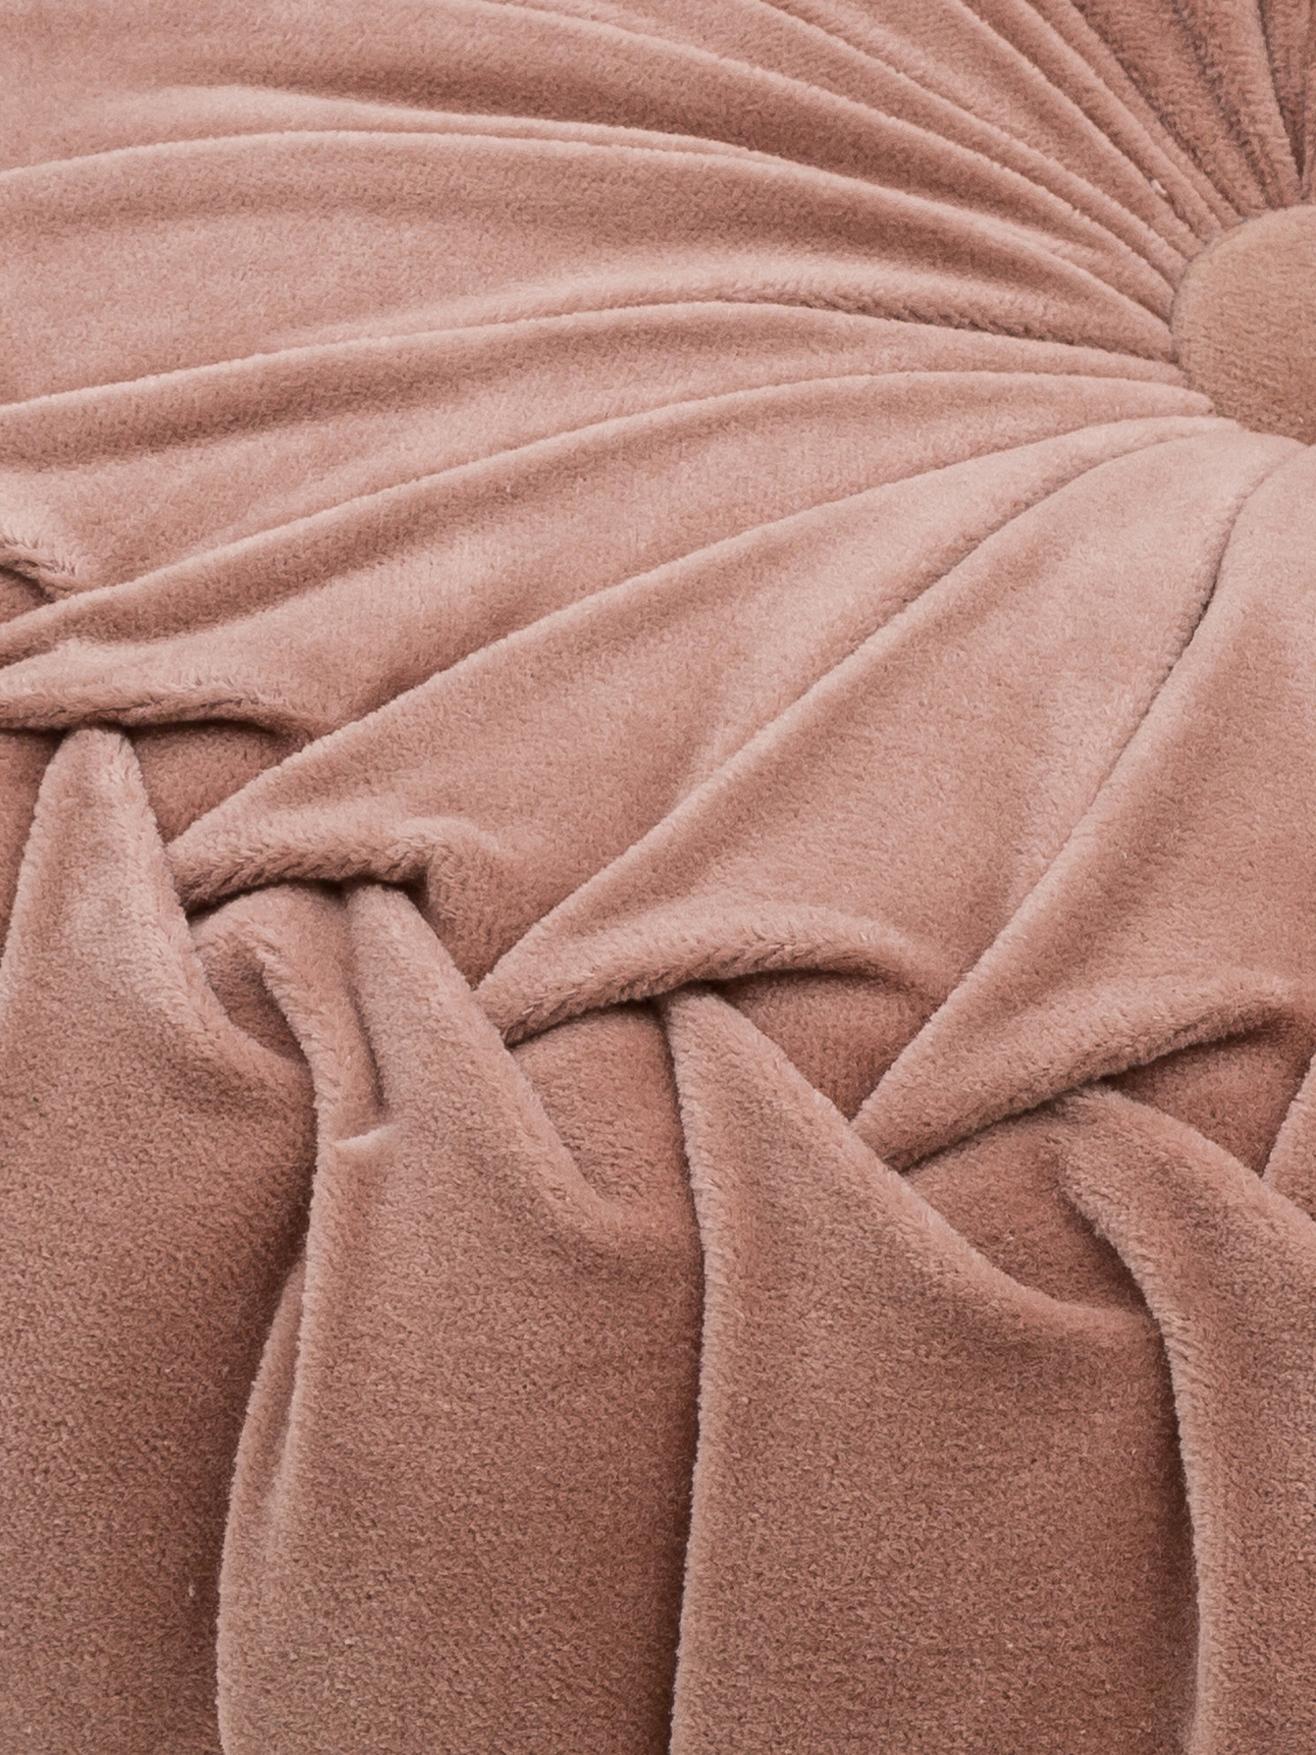 Kulatý sametový polštář svolánky Kanan, svýplní, Starorůžová